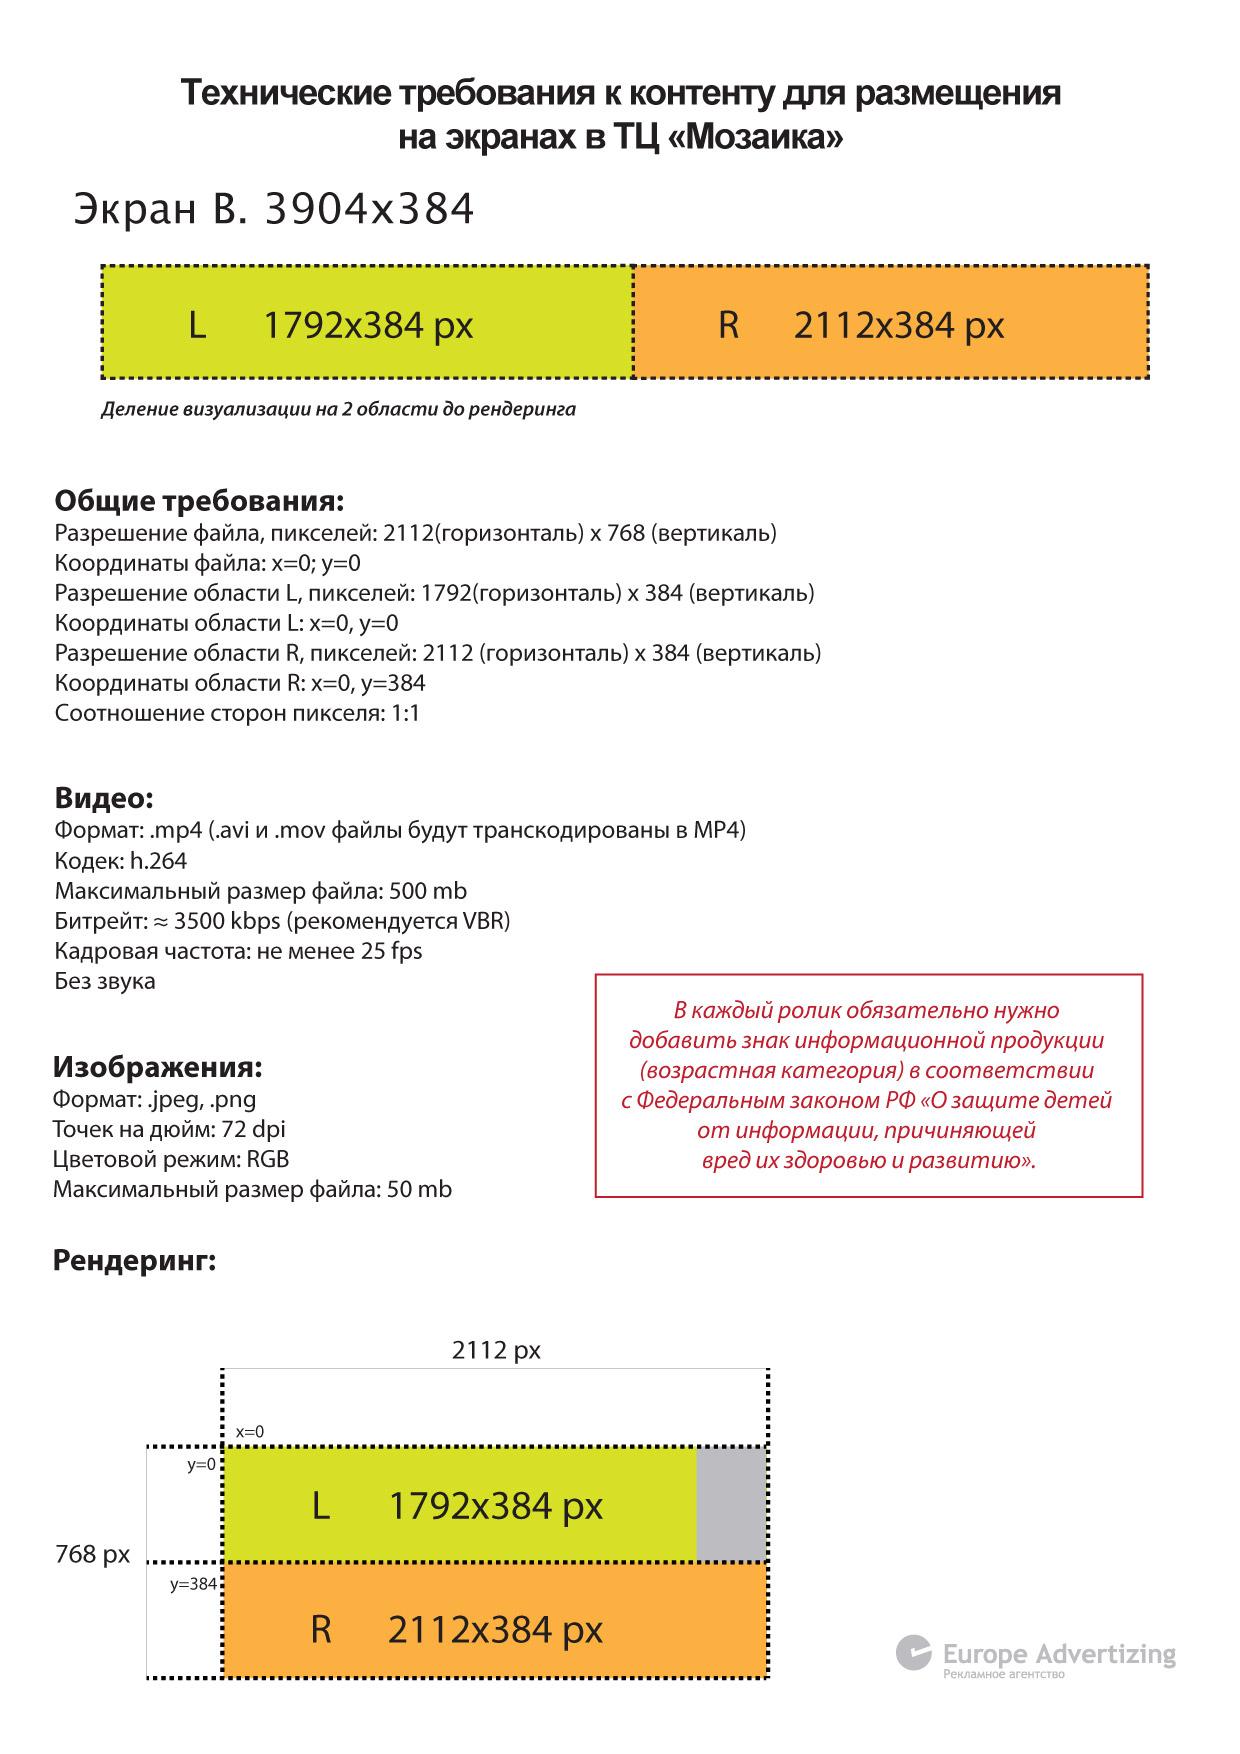 Технические требования к контенту для размещения на экранах в ТЦ -Мозаика-B